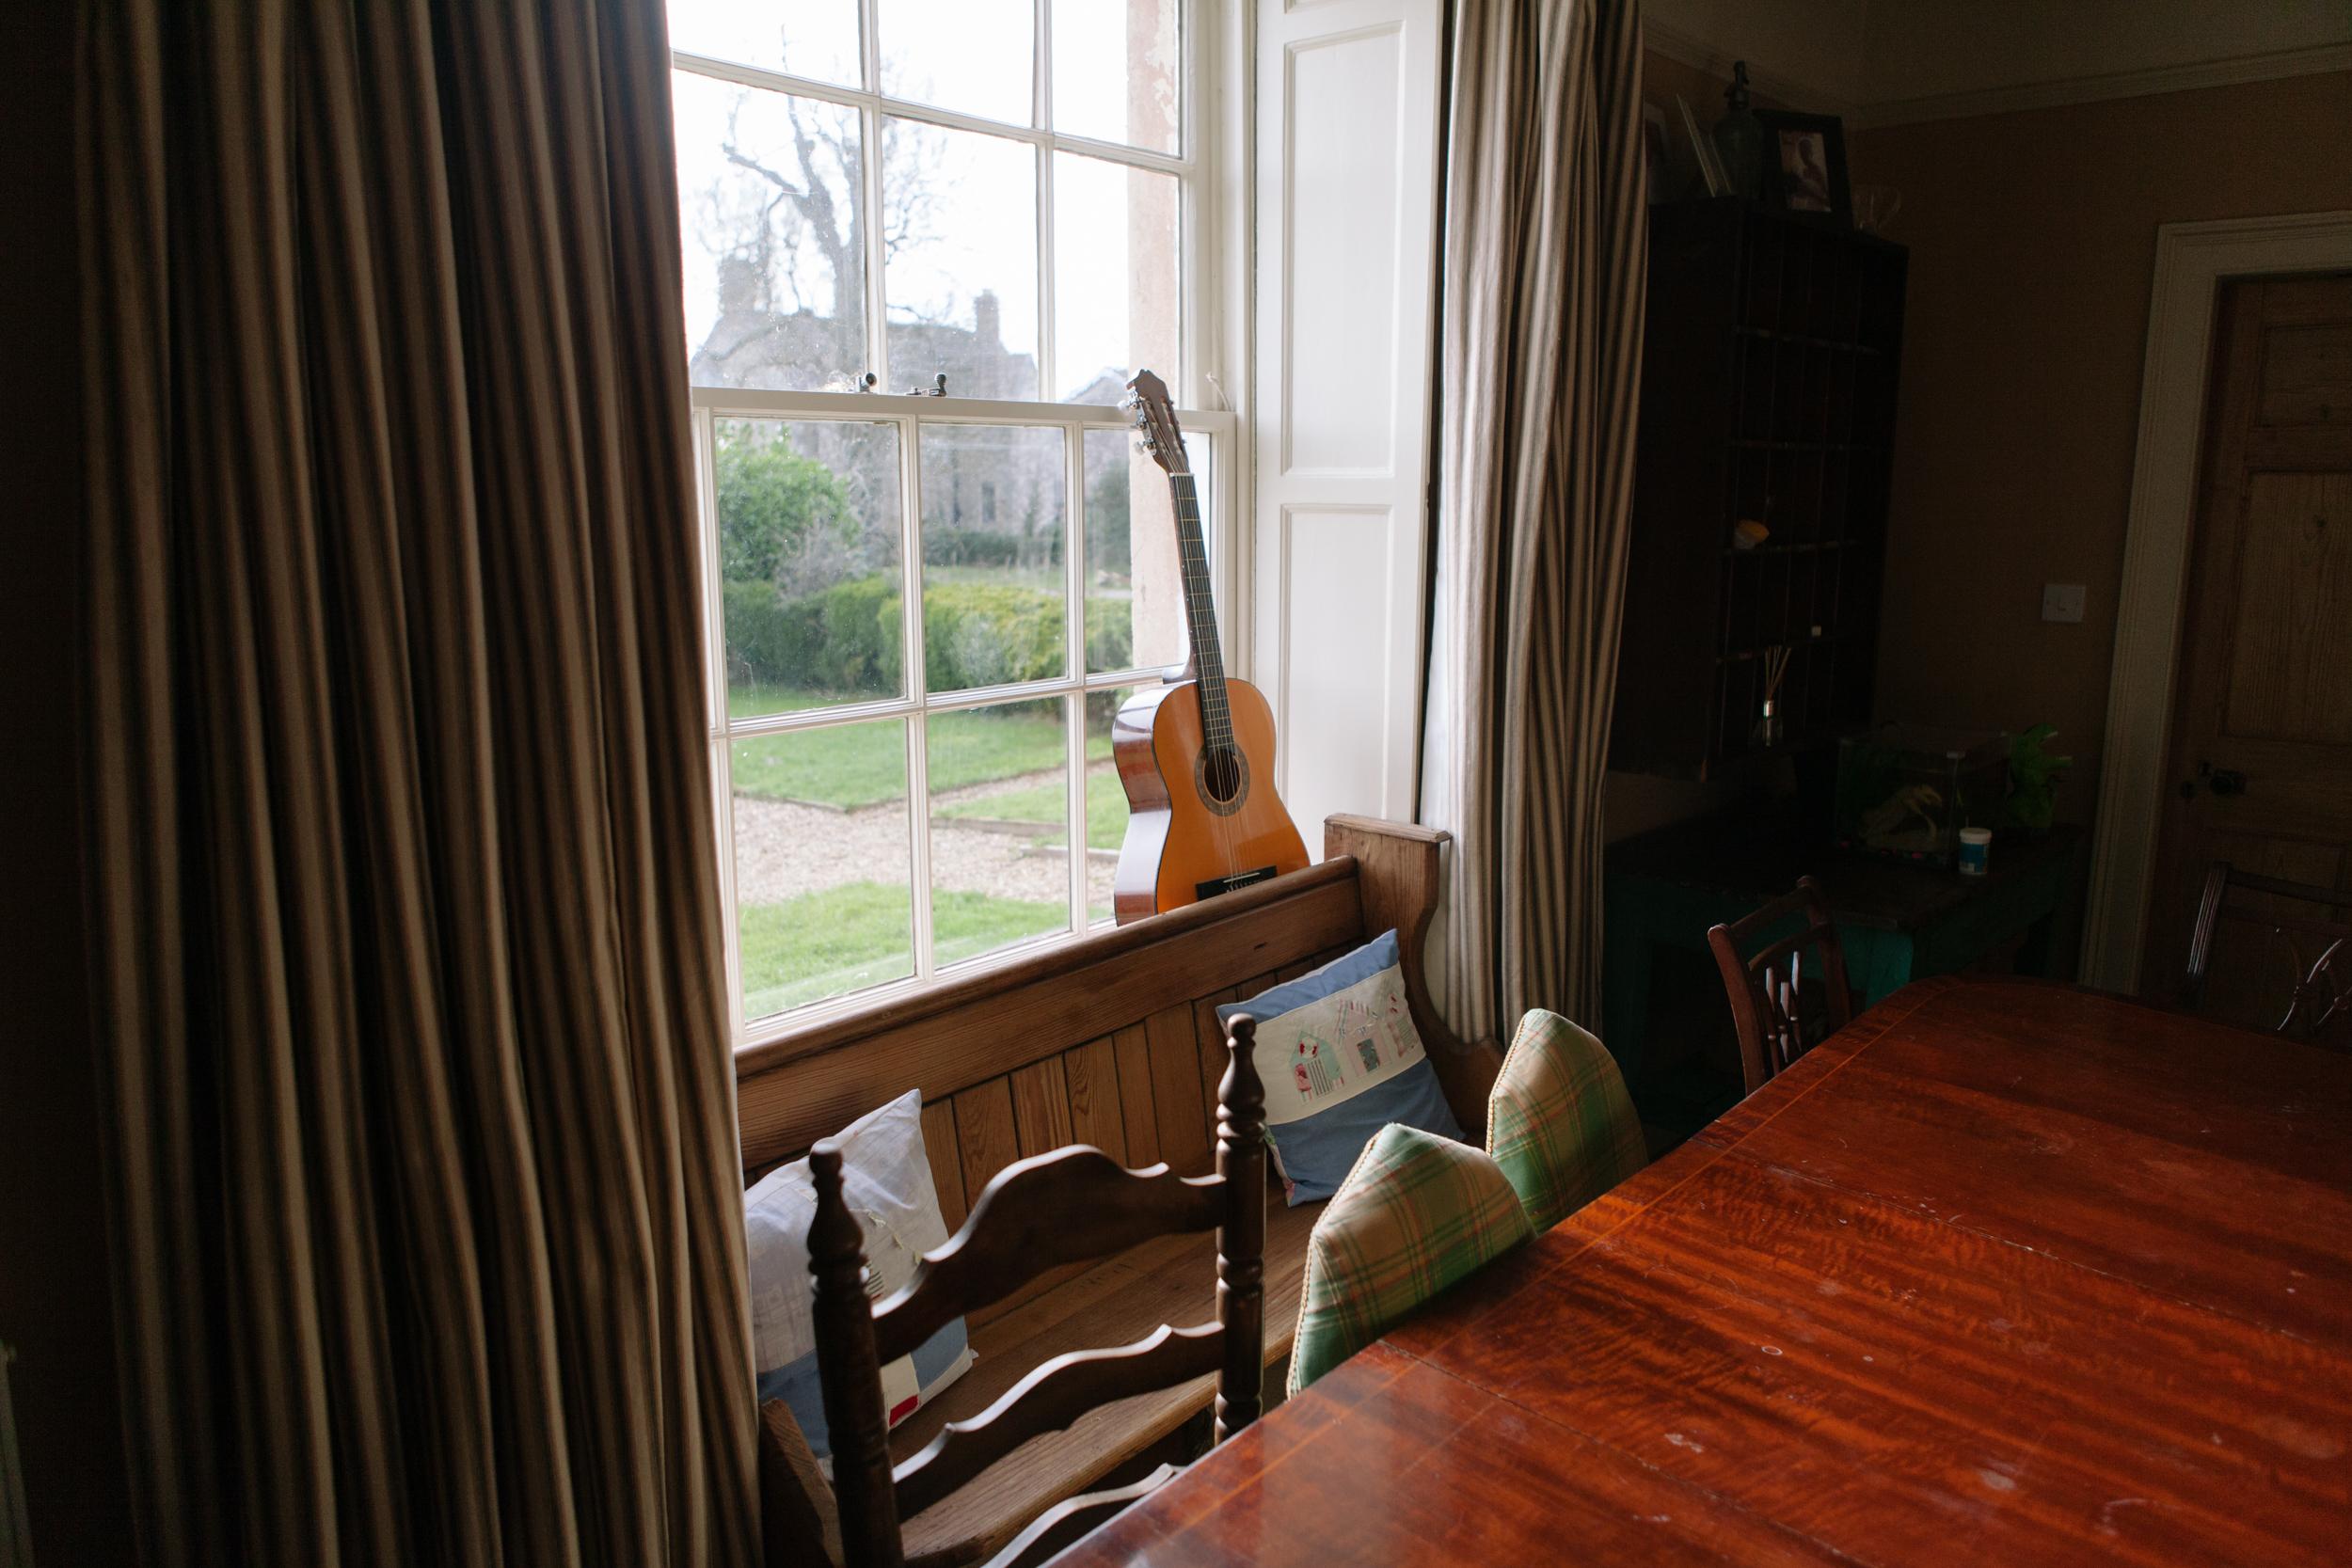 Pennleigh_Welton Manor Farm-20.jpg